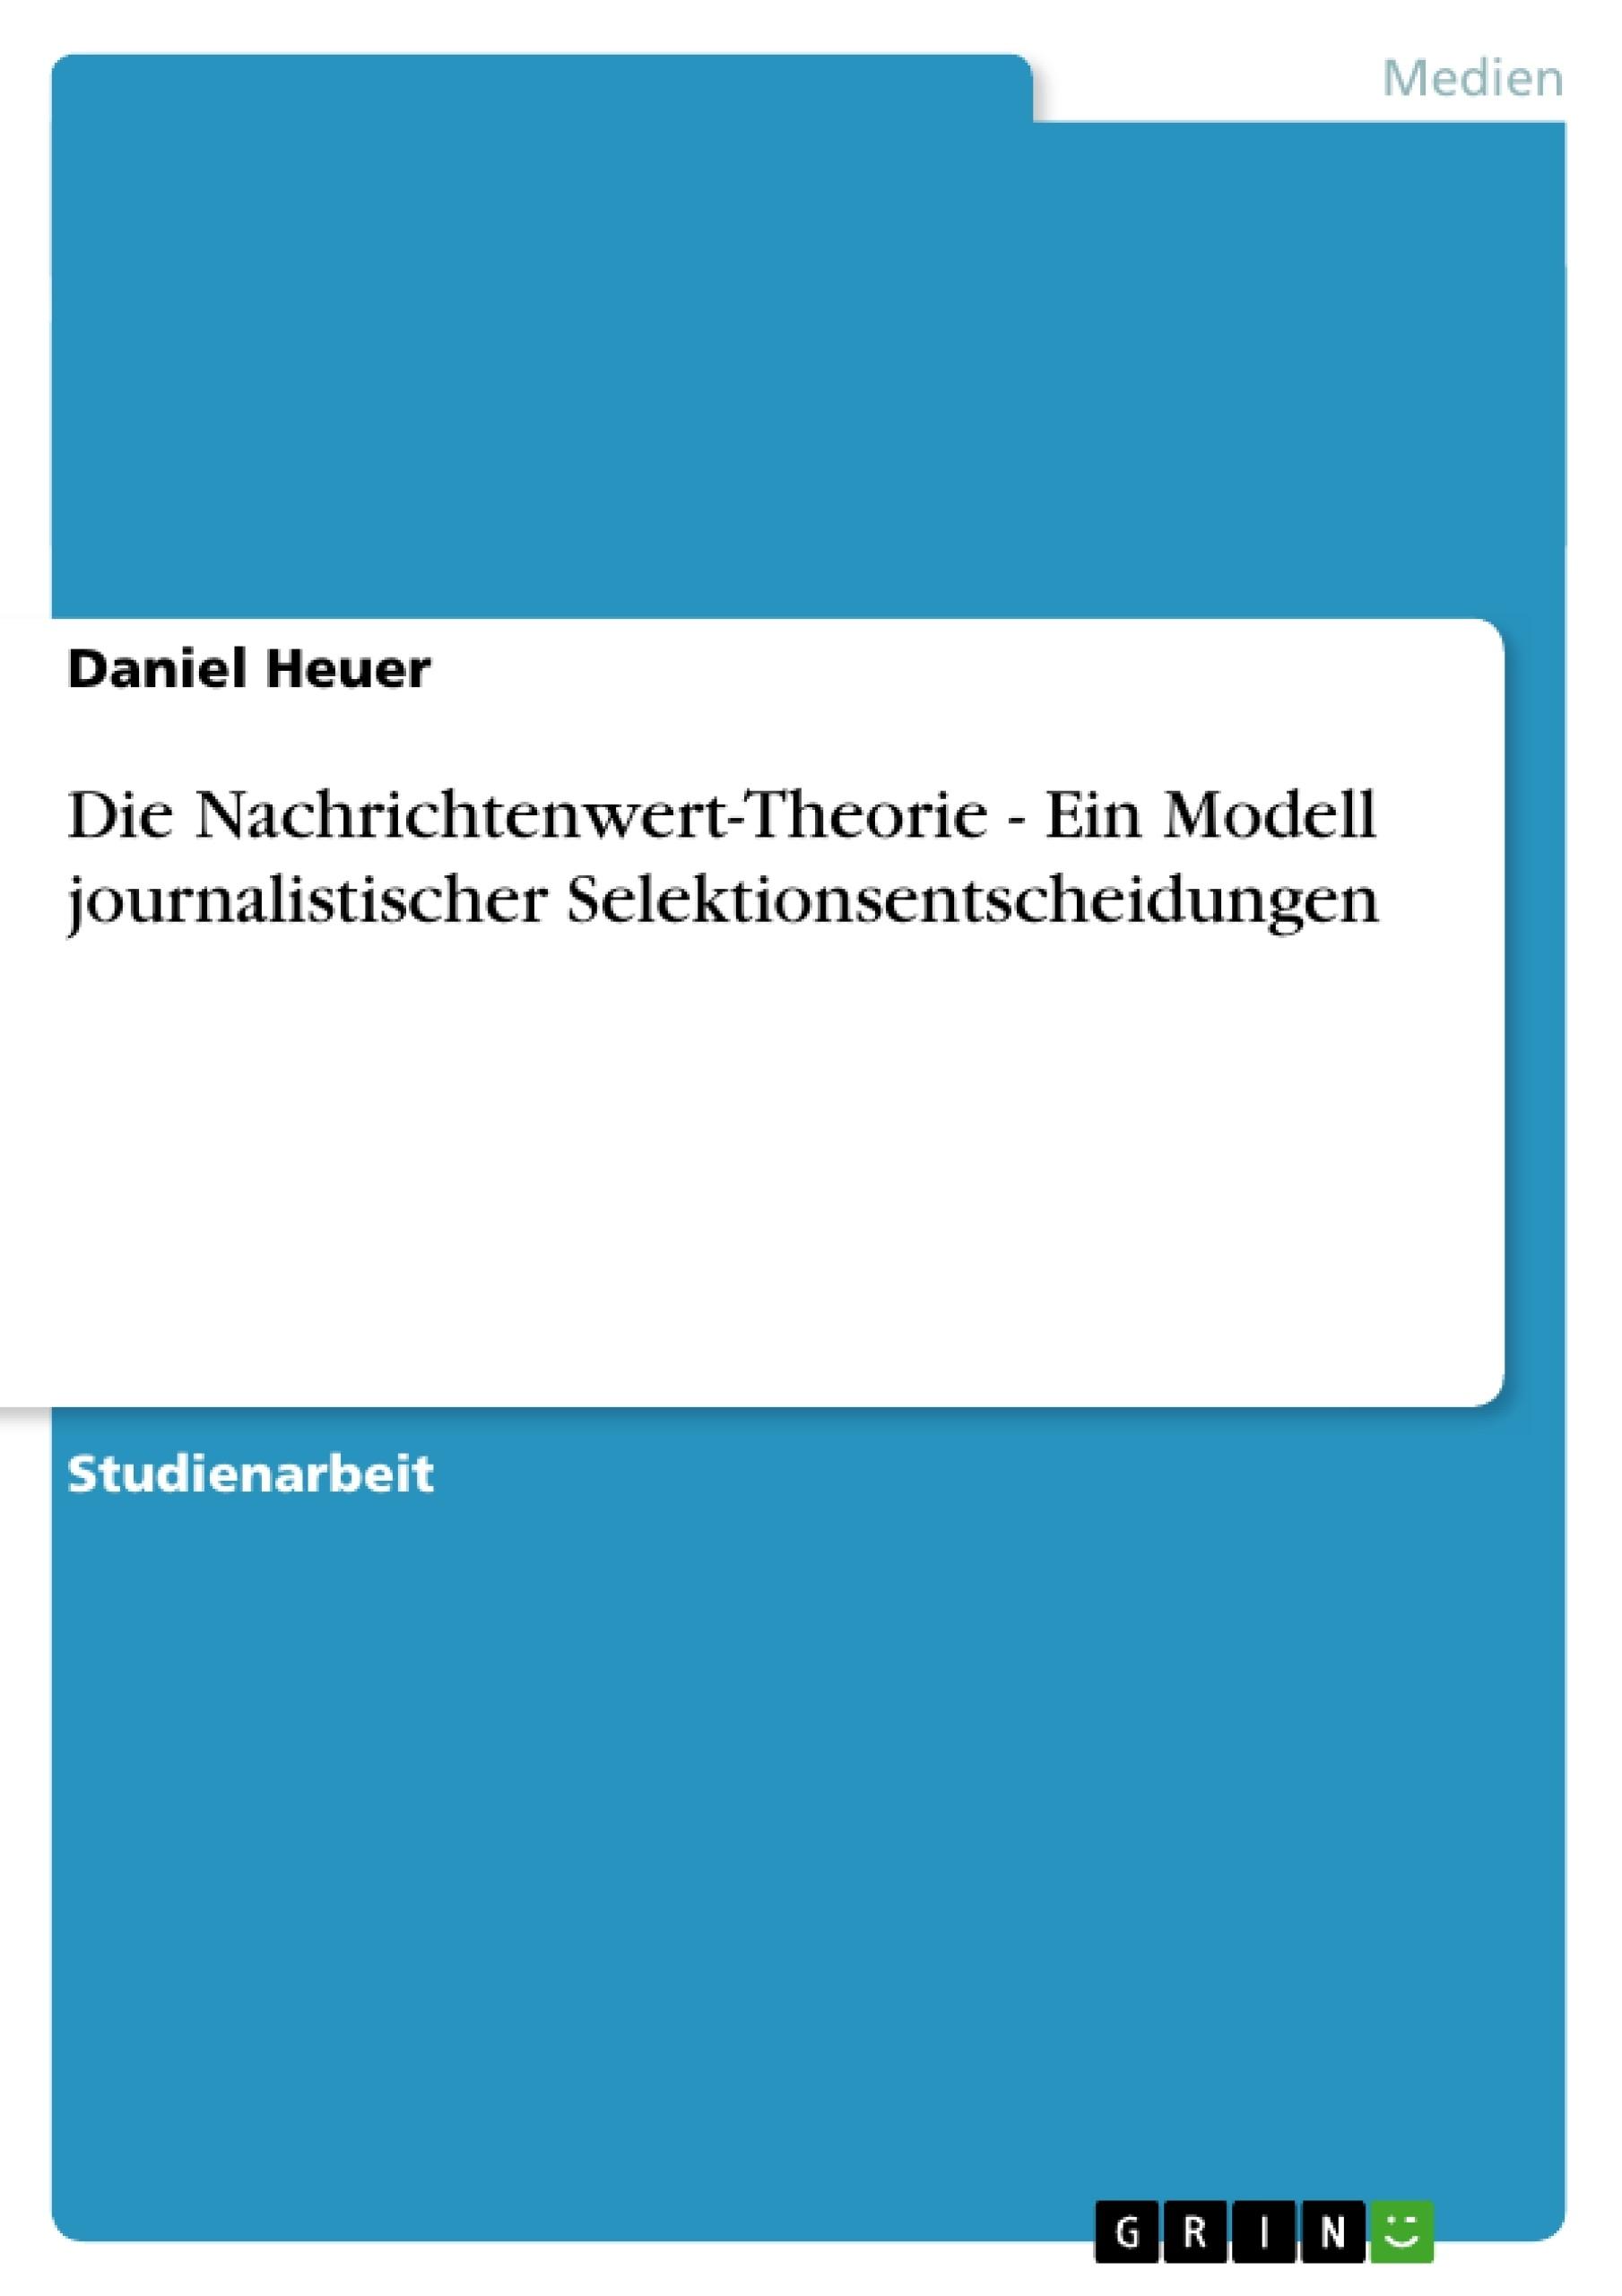 Titel: Die Nachrichtenwert-Theorie - Ein Modell journalistischer Selektionsentscheidungen